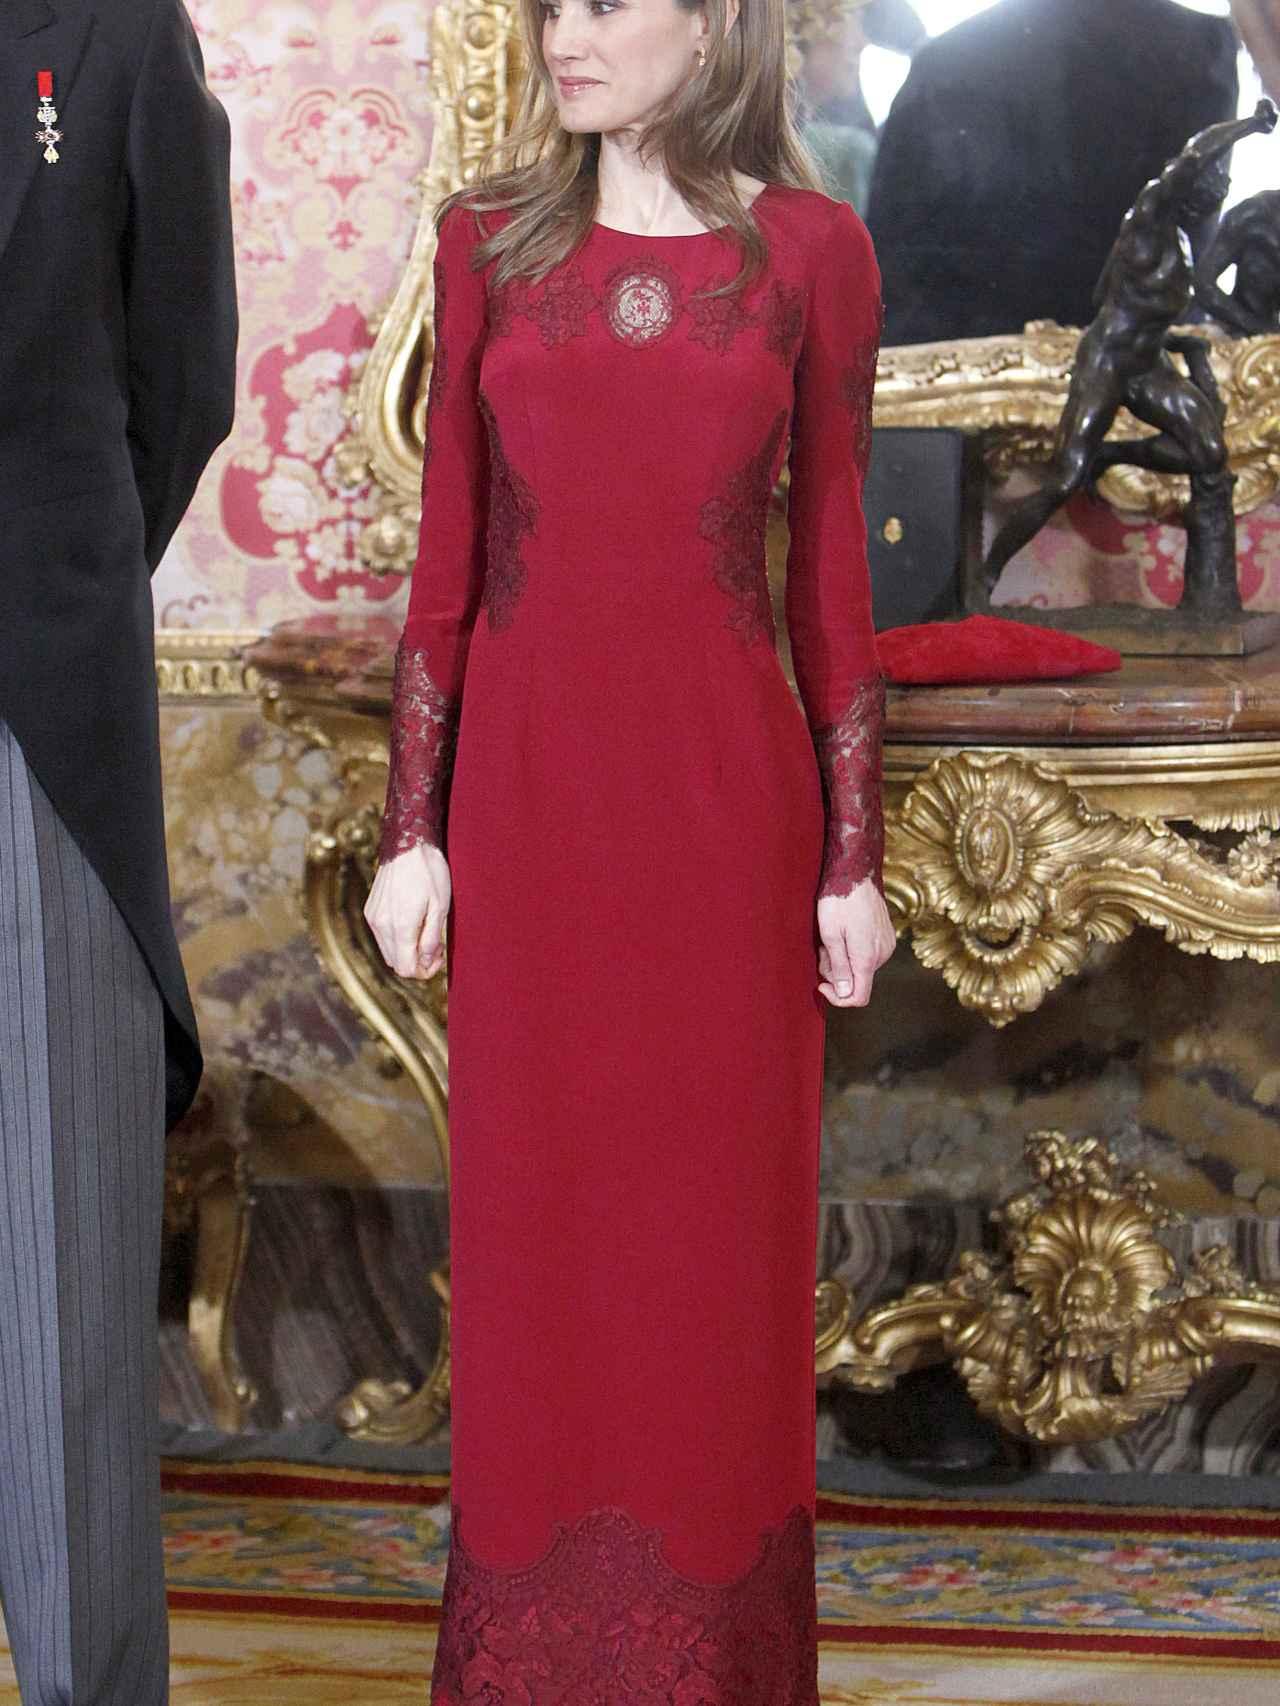 La reina Letizia, en la recepción de 2013 con el vestido firmado por Varela.